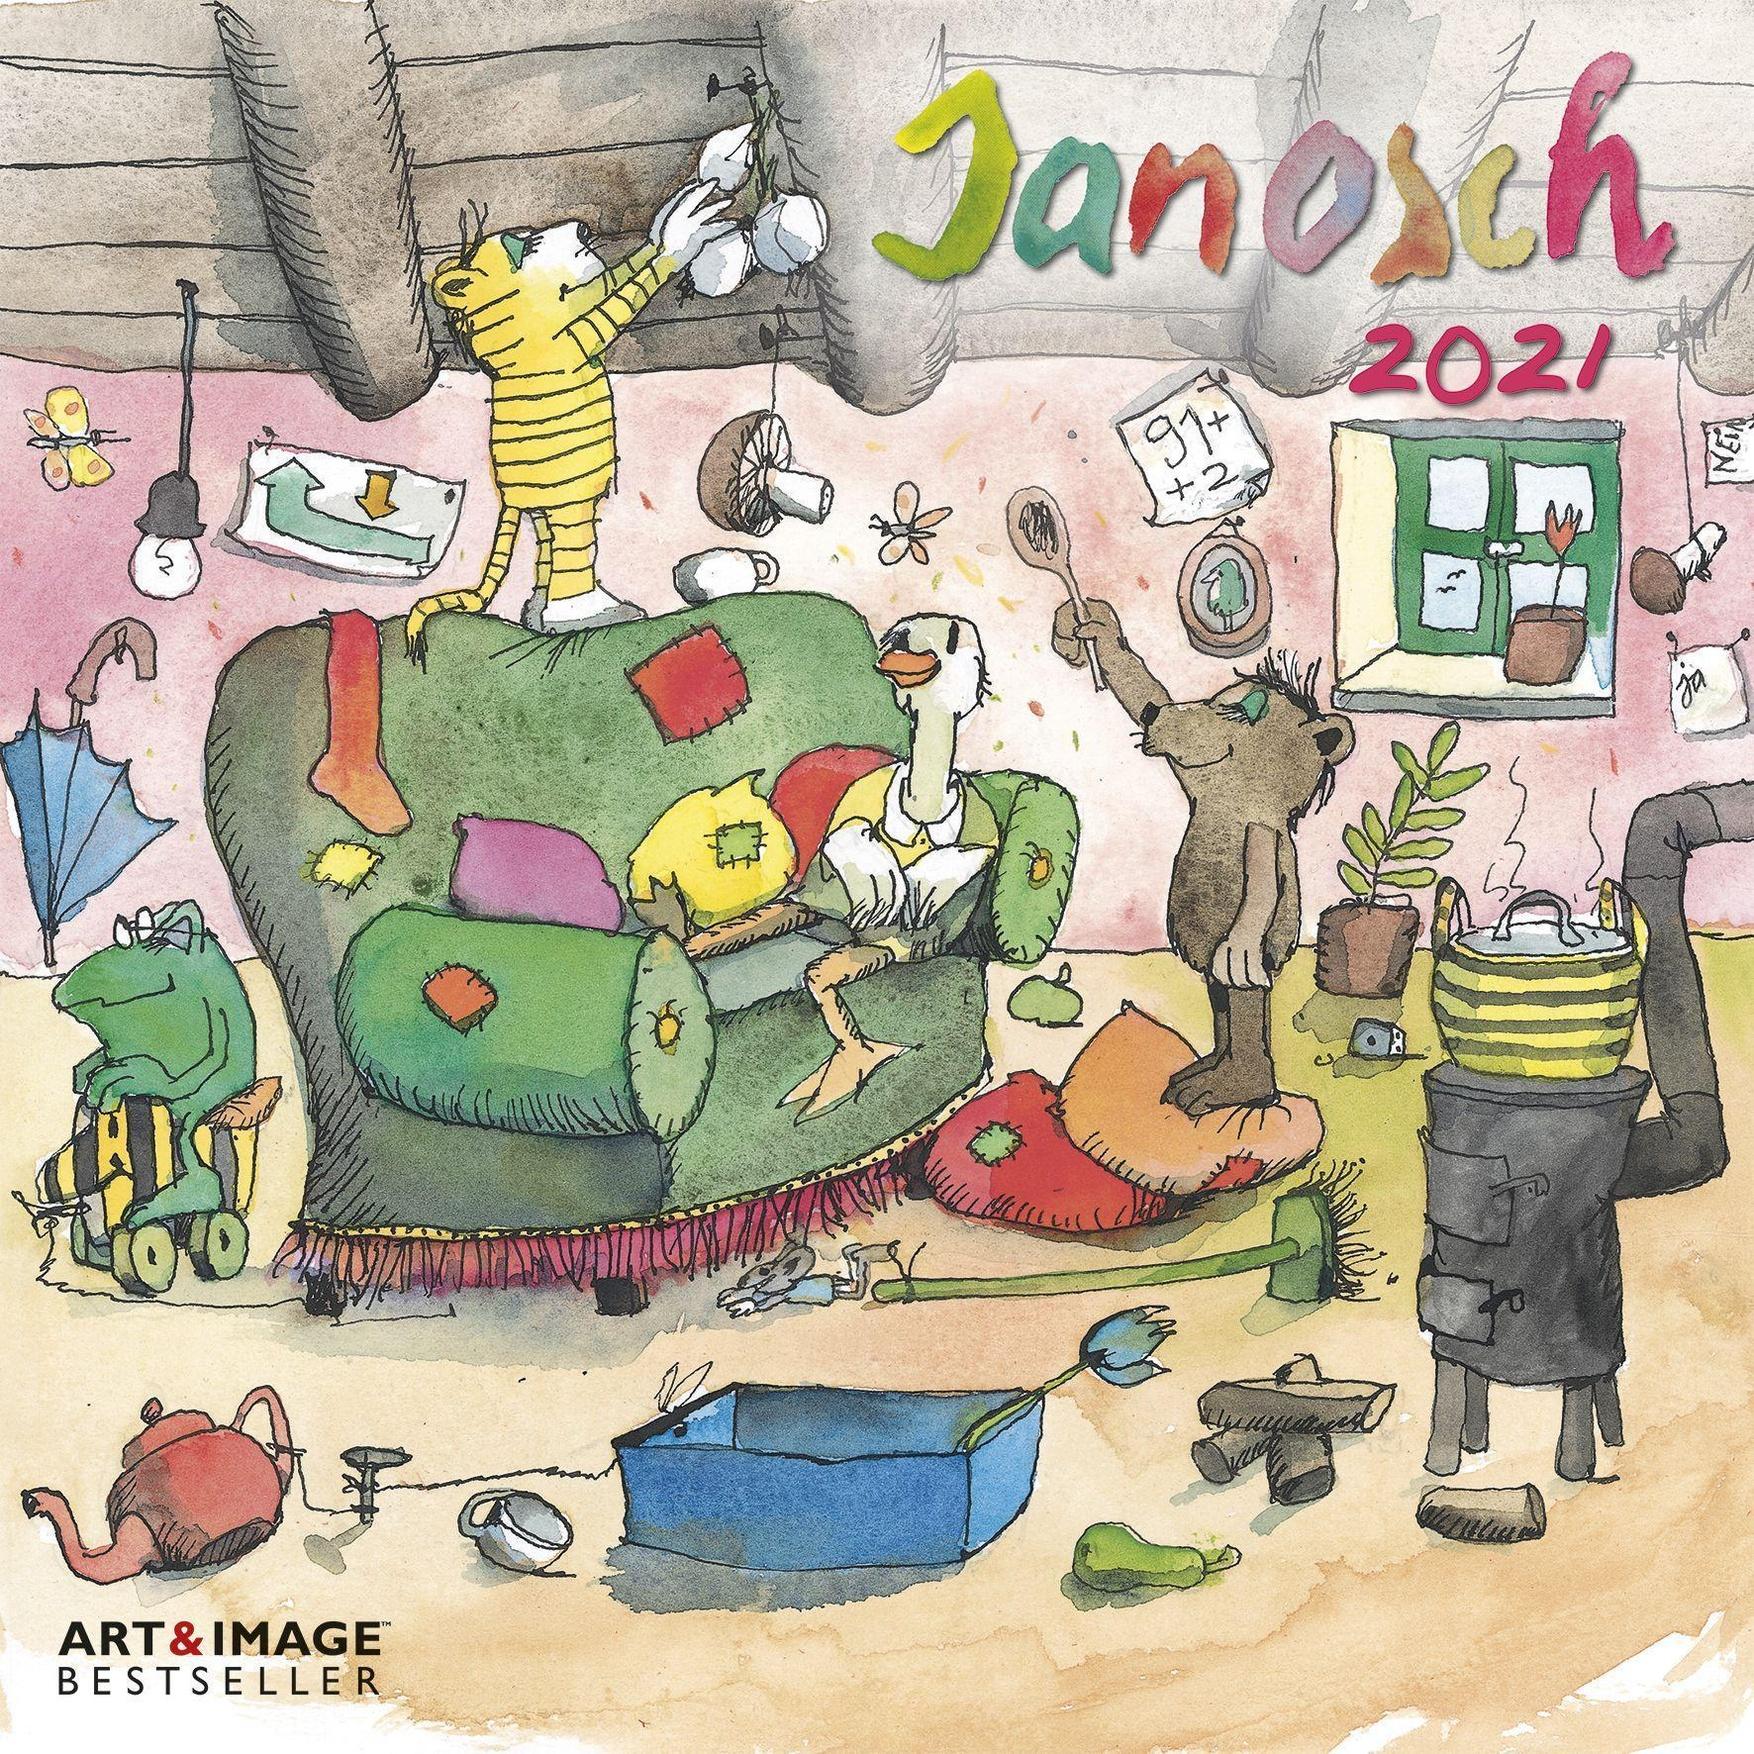 Janosch 2021 Kalender Jetzt Gunstig Bei Weltbild At Bestellen